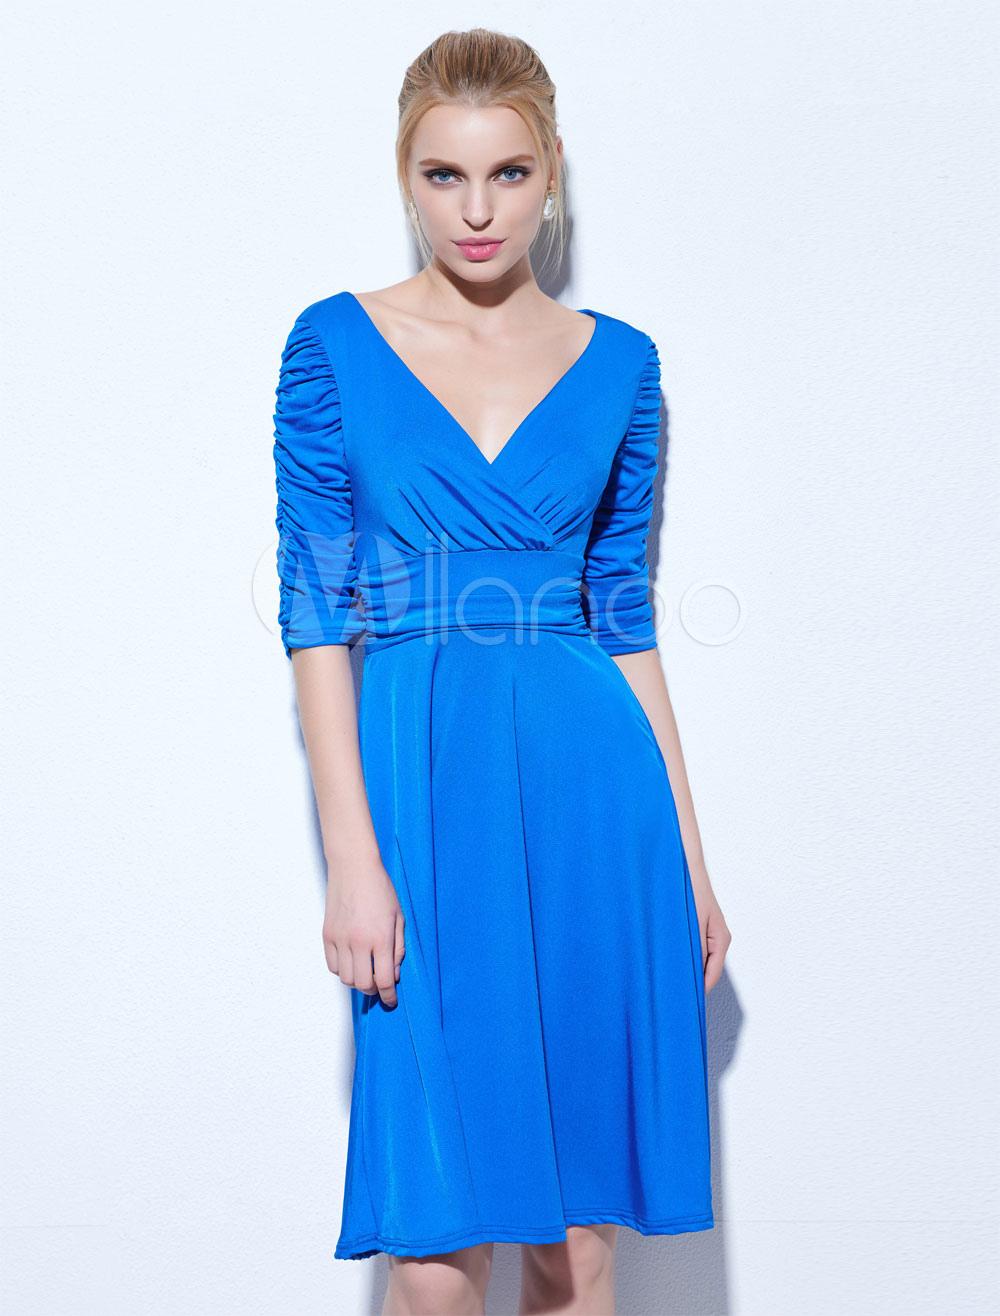 Women Skater Dress V Neck Half Sleeve Ruched Royal Blue Short Dress (Women\\'s Clothing Skater Dresses) photo